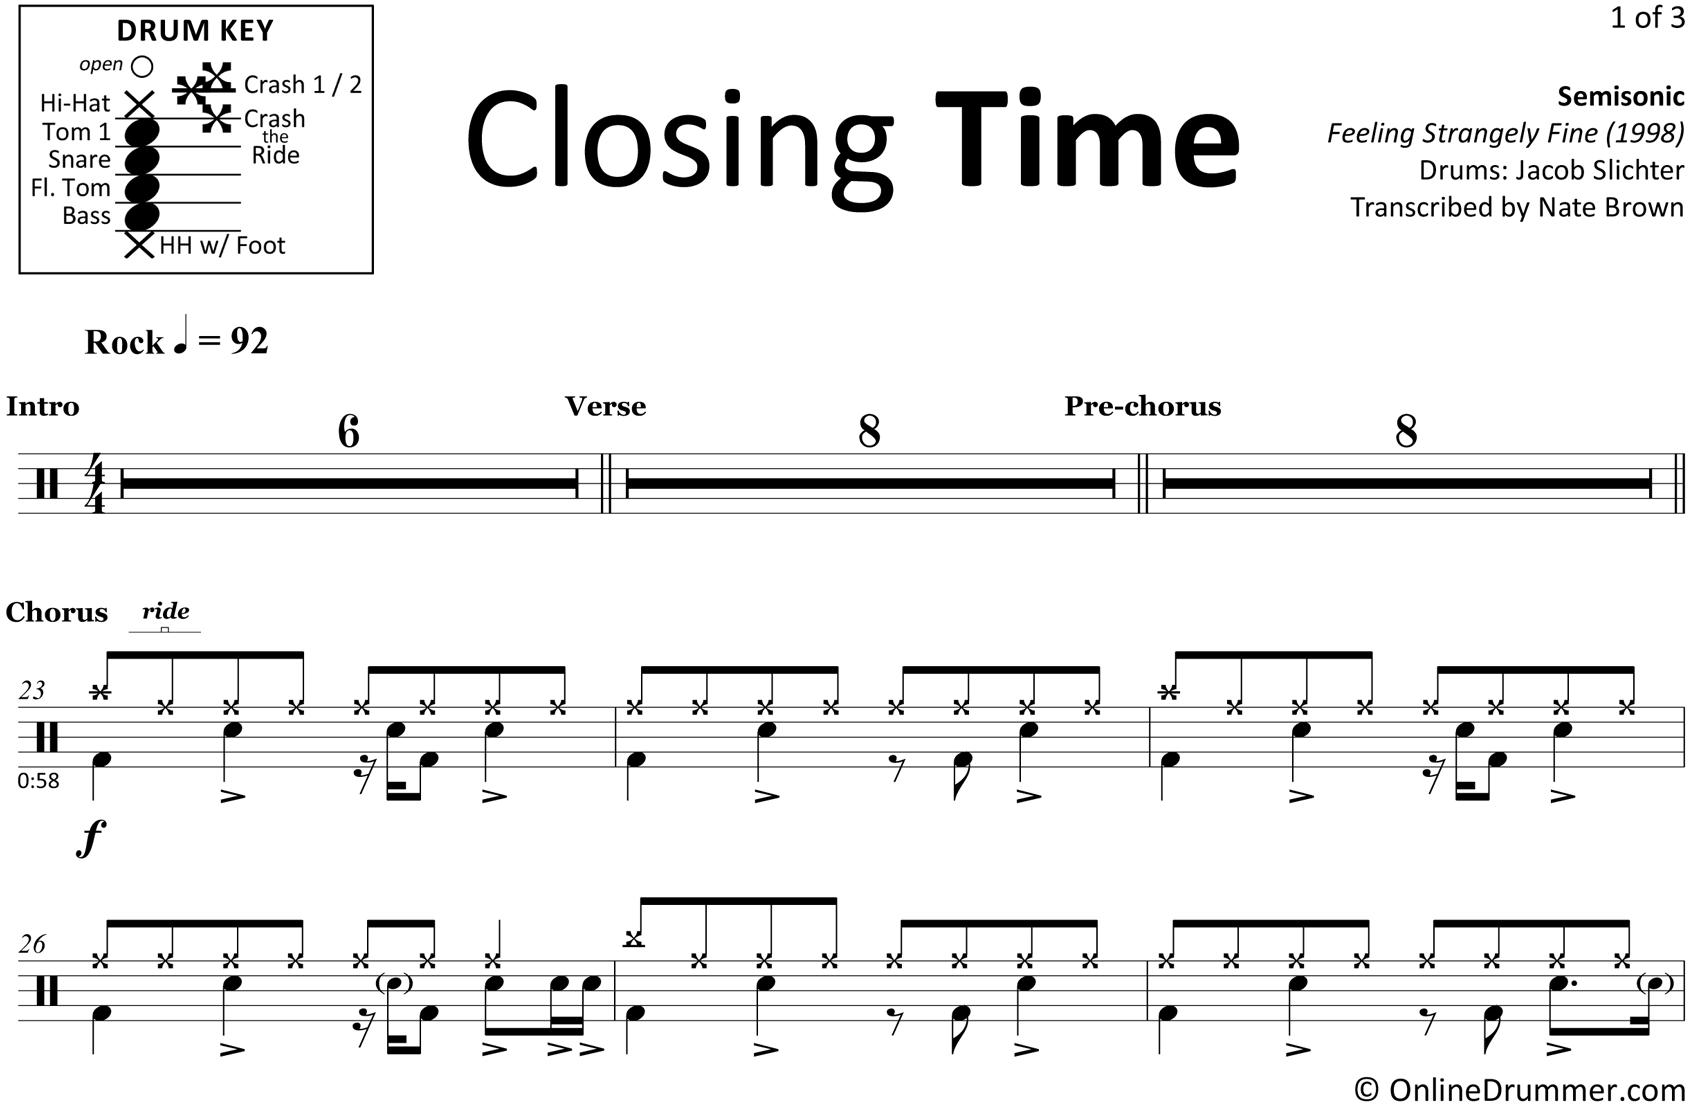 Closing Time - Semisonic - Drum Sheet Music